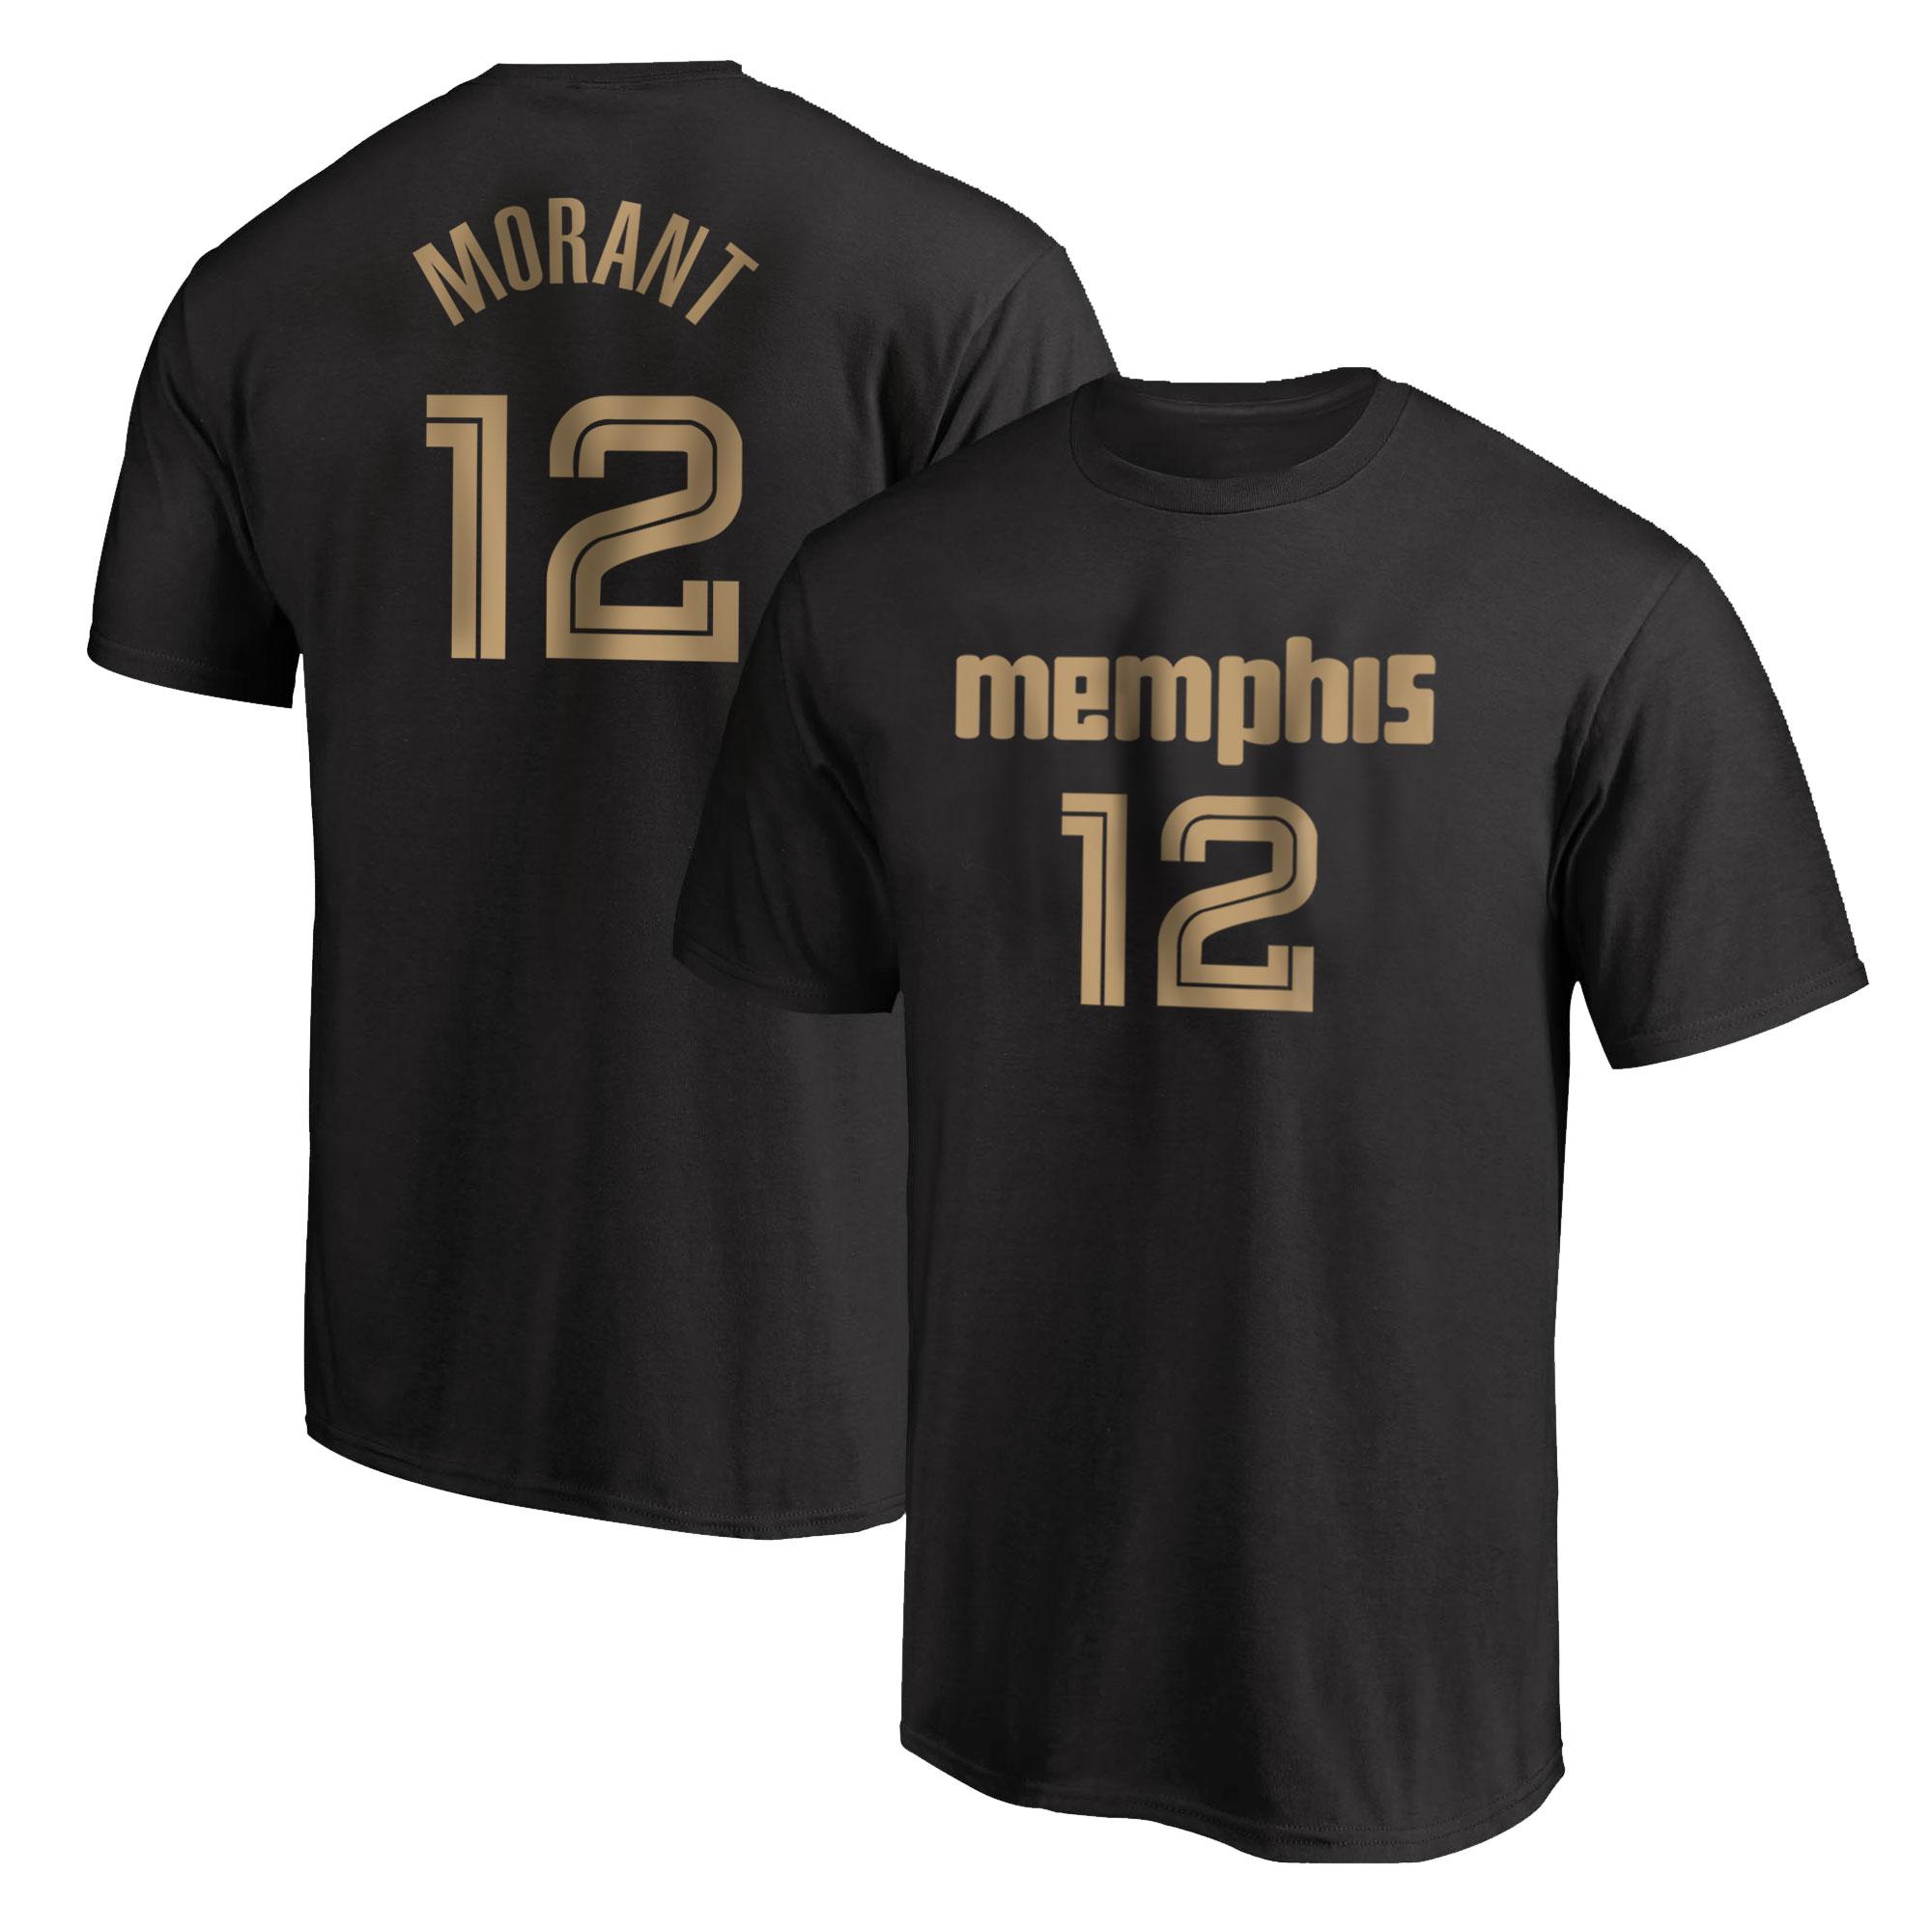 Ja Morant Tshirt (TSH-WHT-495-JA-MORANT12)